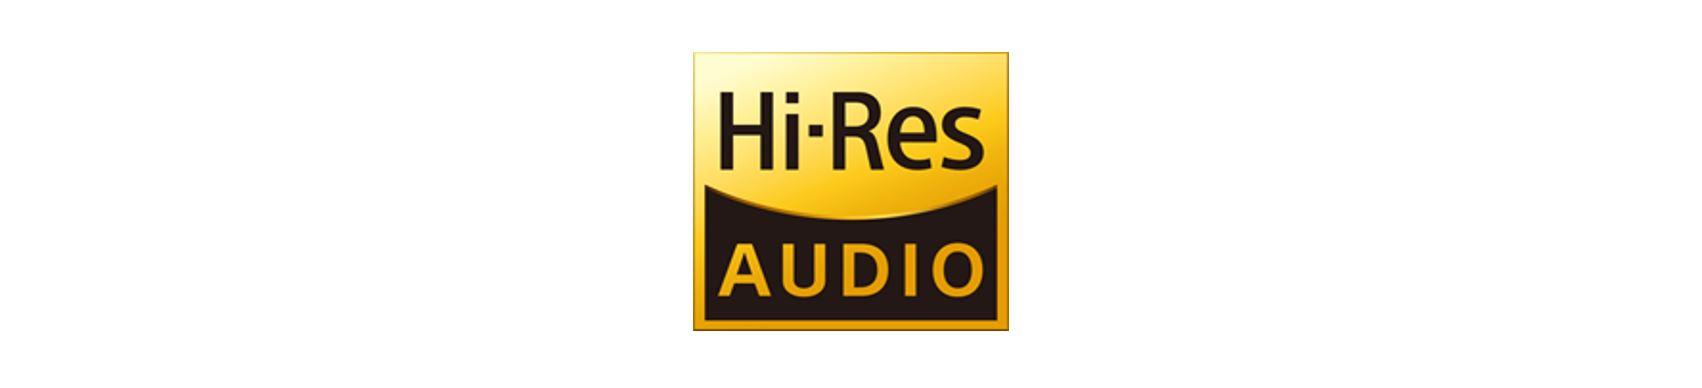 ハイレゾ音源のある生活の始め方、簡単3ステップ!【初心者おすすめ】